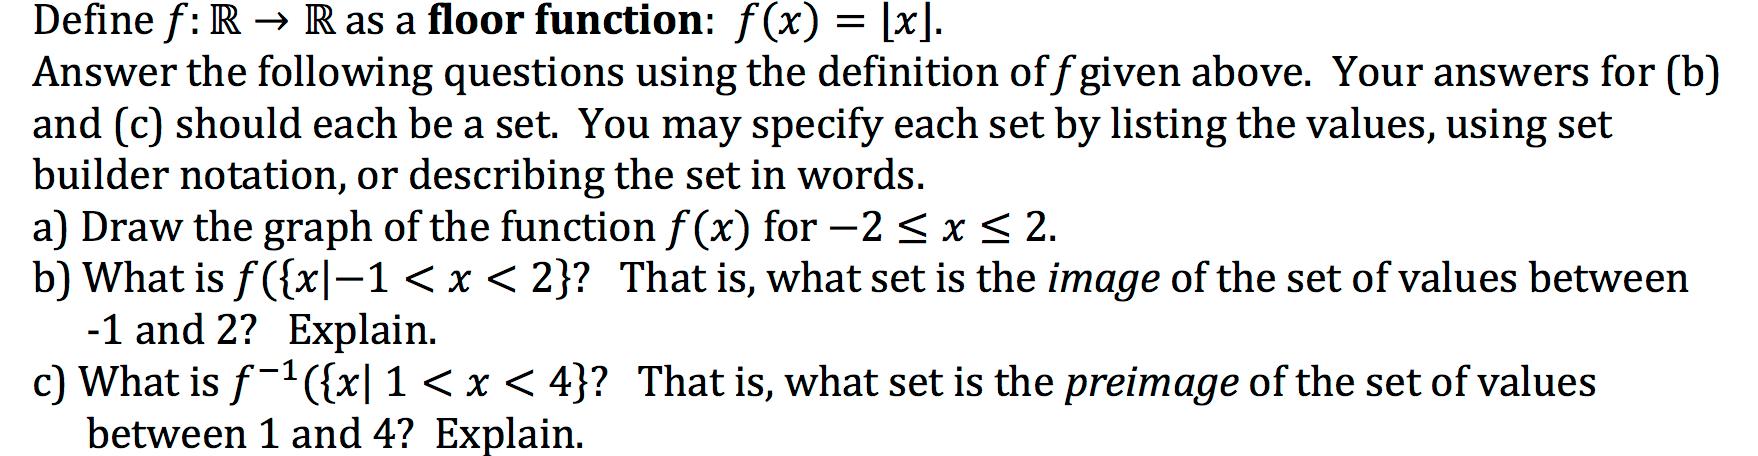 define f r rightarrow r as a floor function f x com question define f r rightarrow r as a floor function f x